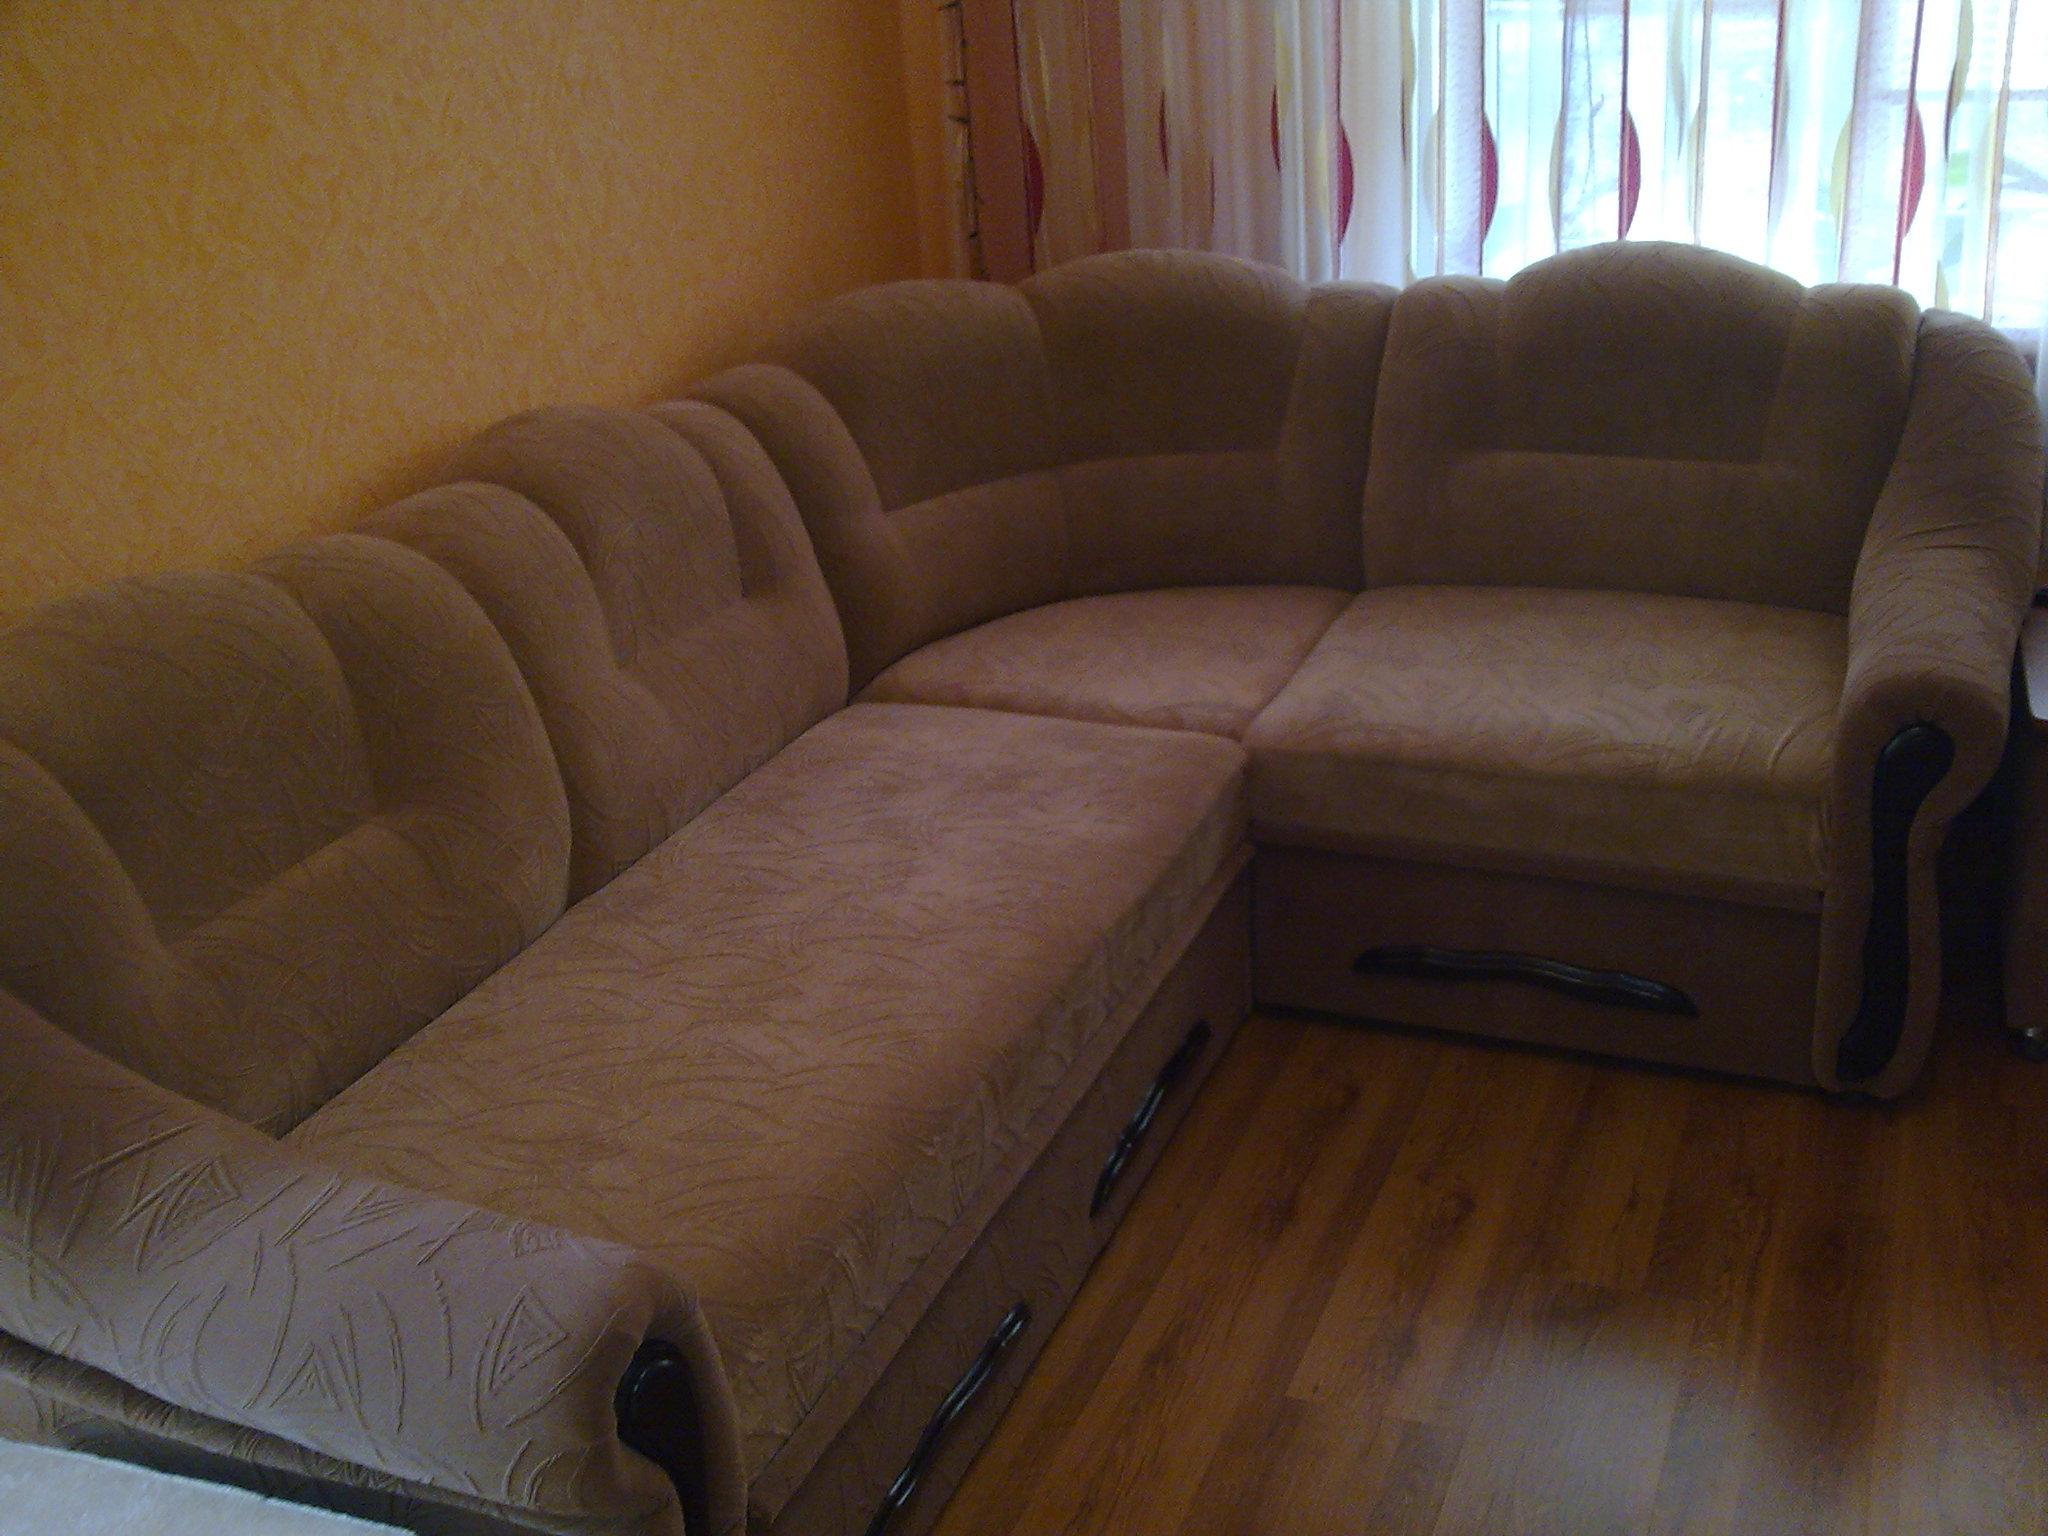 Фото угловых диванов в квартире